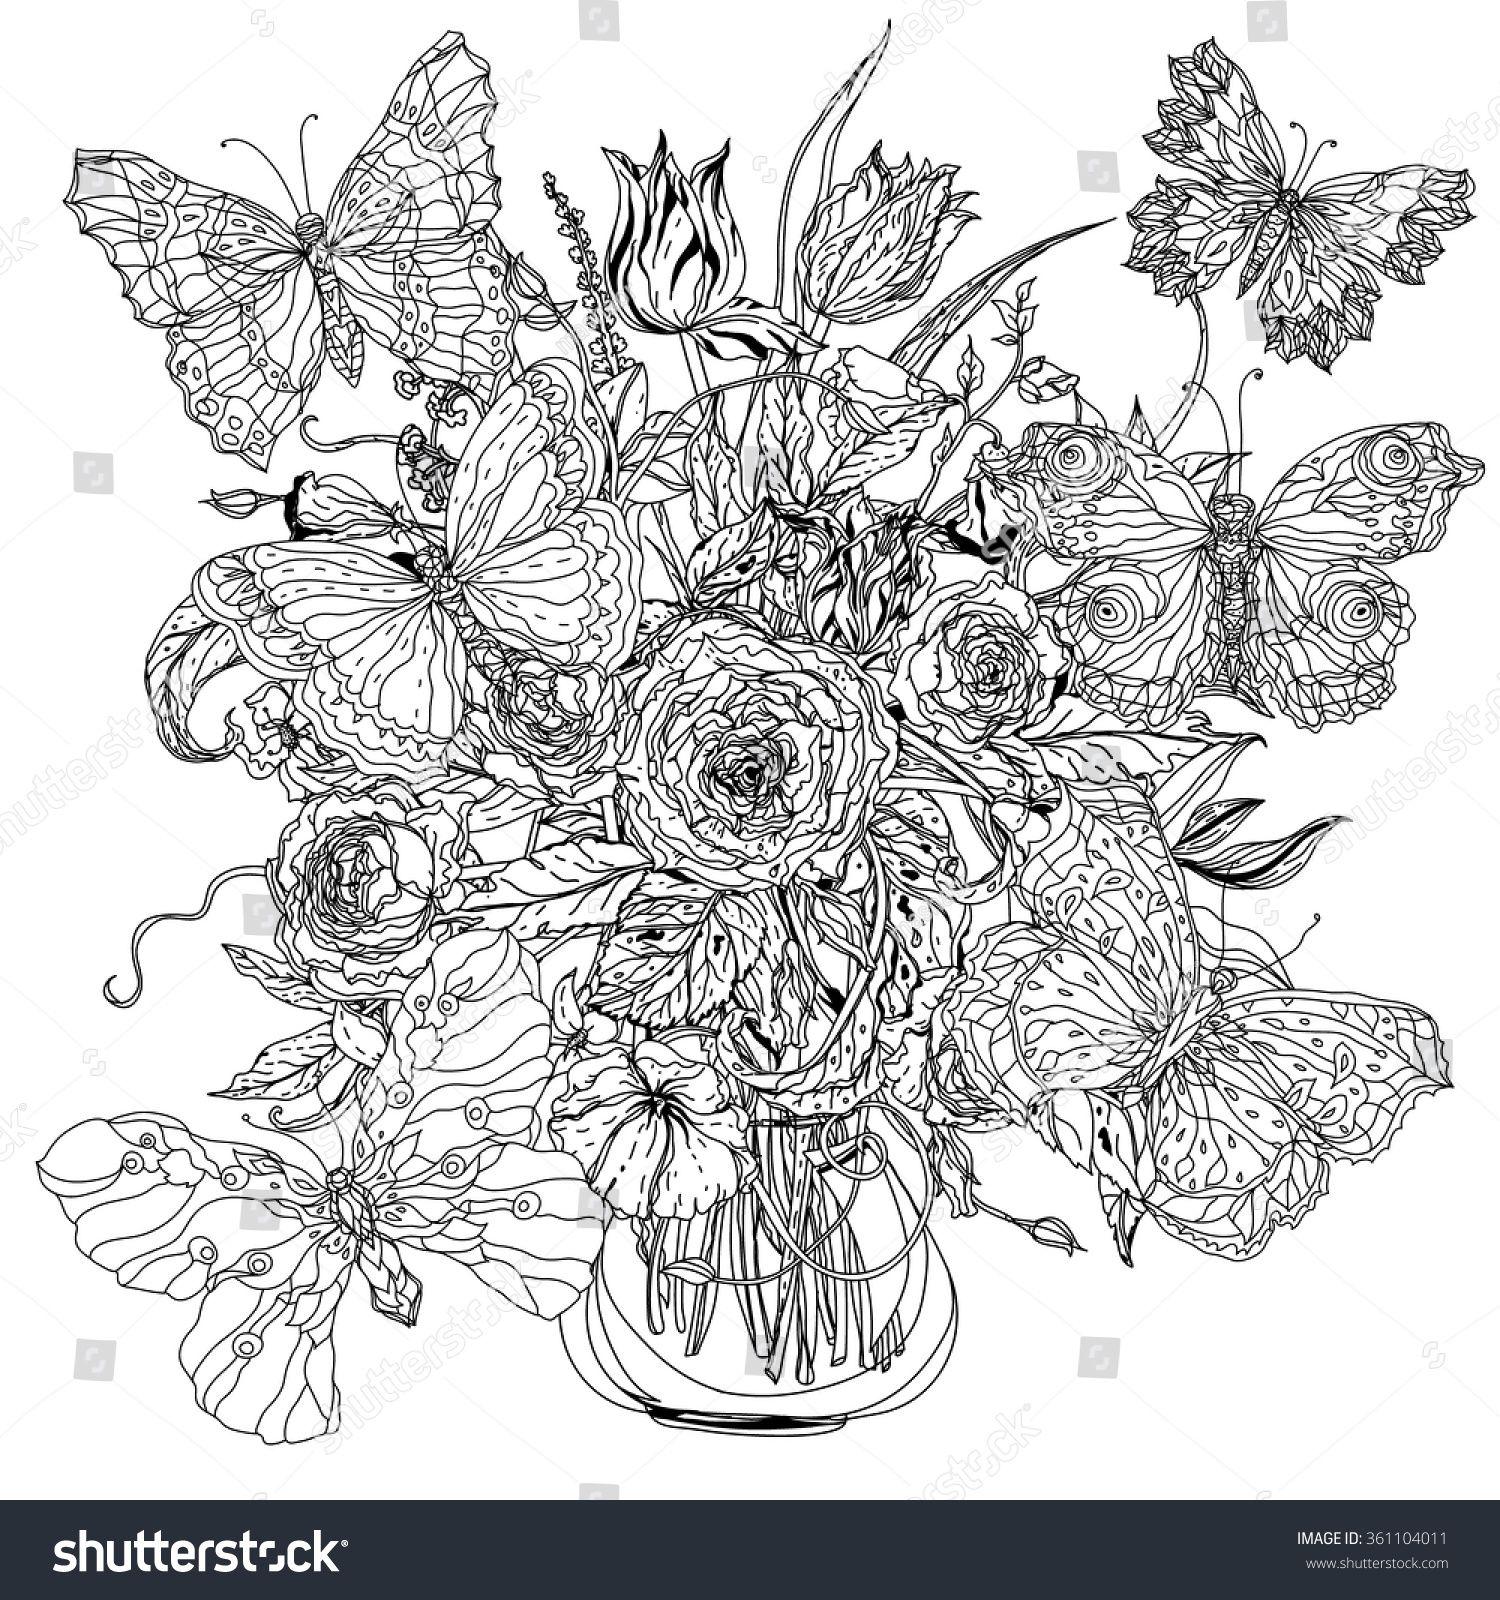 Stock Vector Flowers And Butterflies Zentangle Interpretation Black